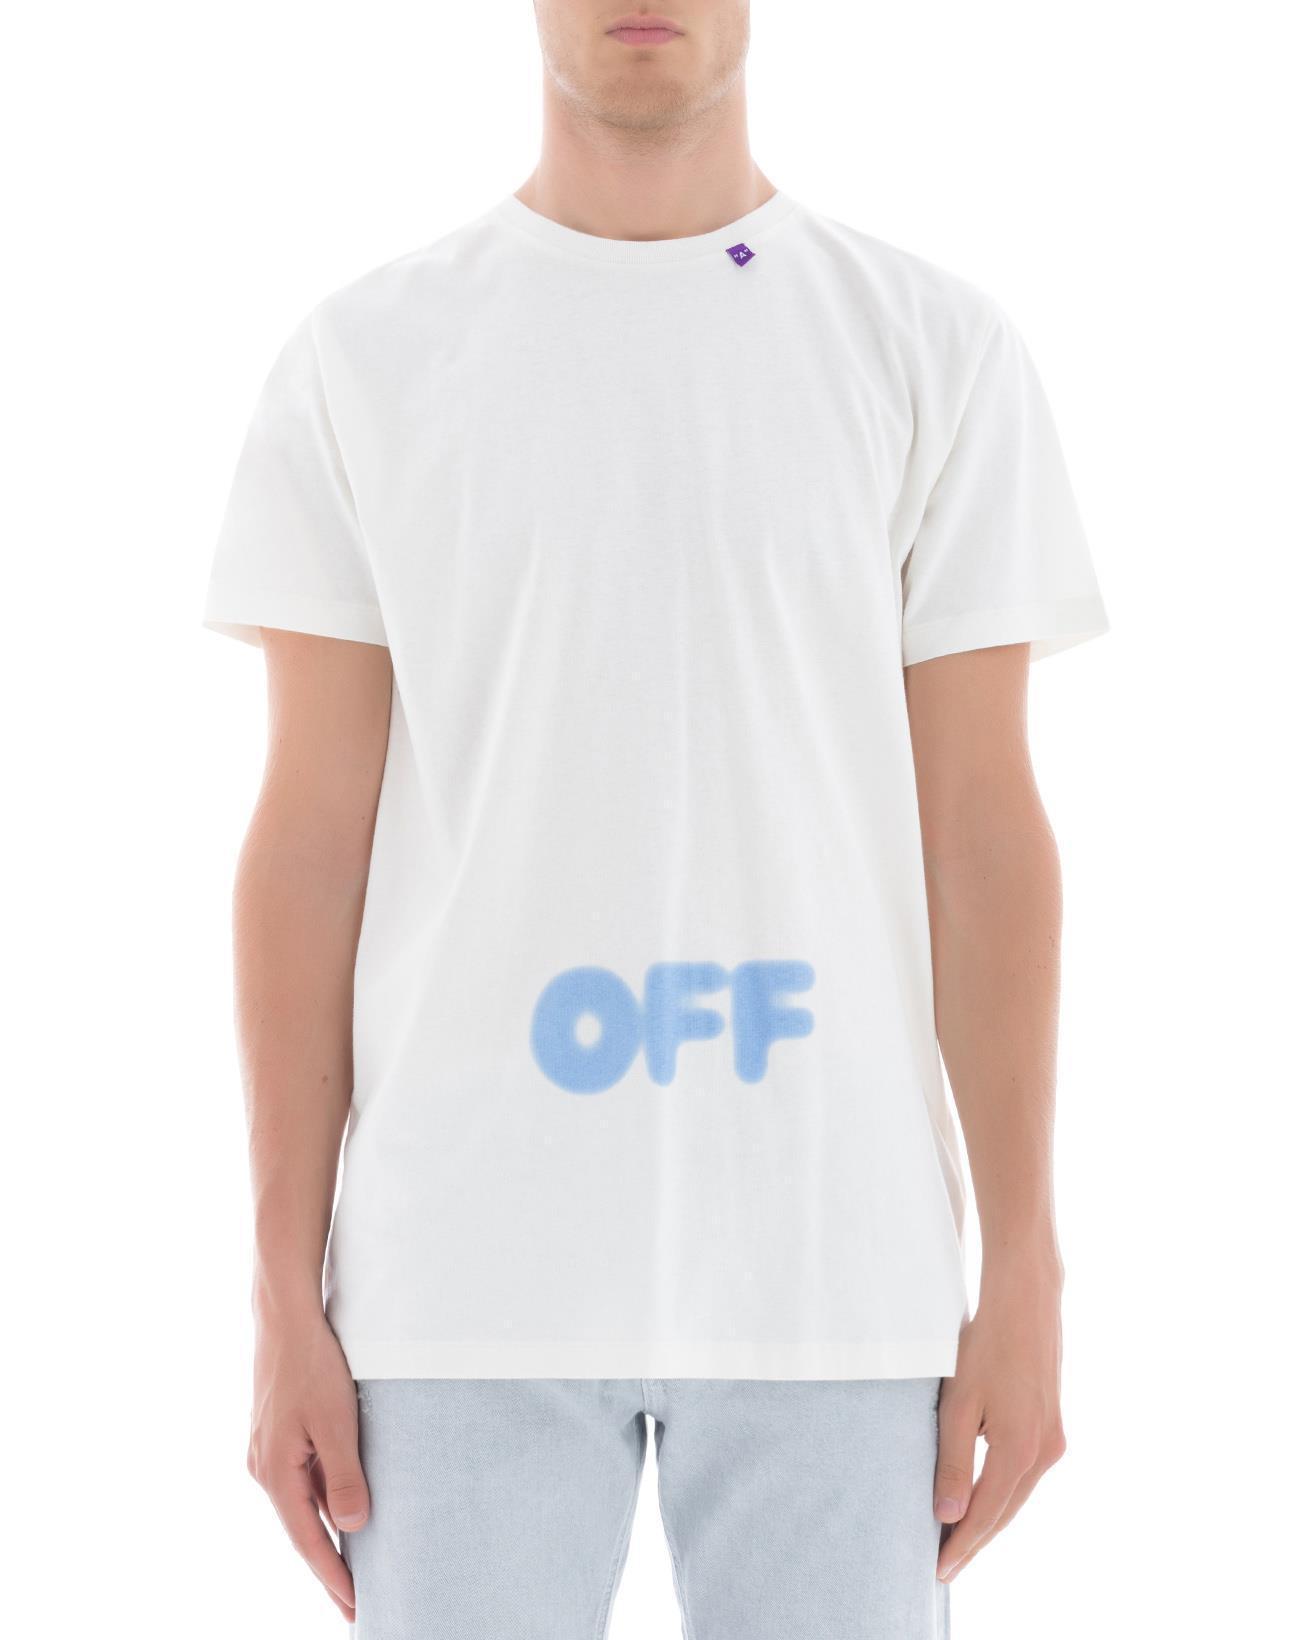 b46db6887f39 Off-White C O Virgil Abloh Printed T-shirt in White for Men - Lyst